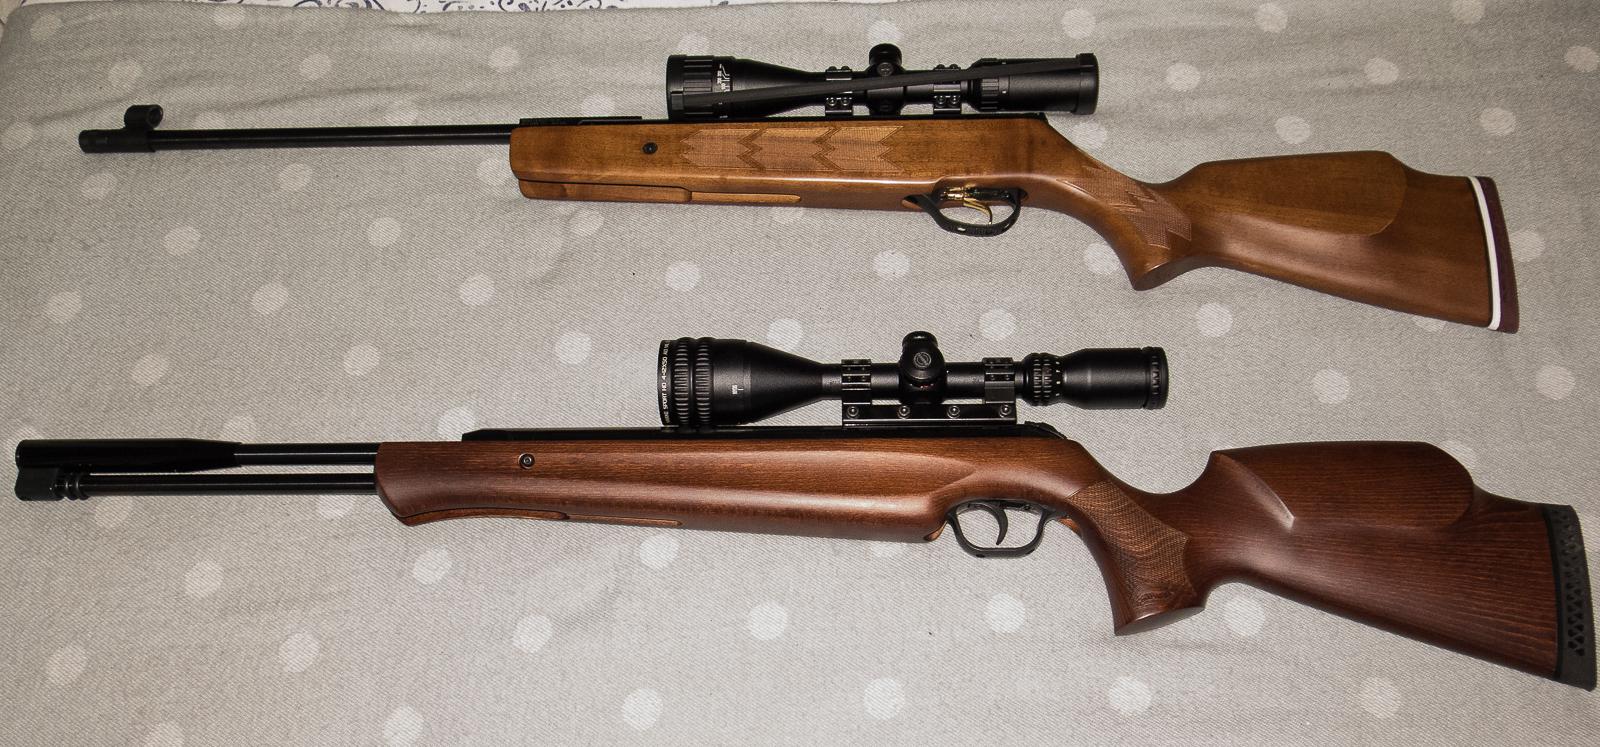 Air rifle types